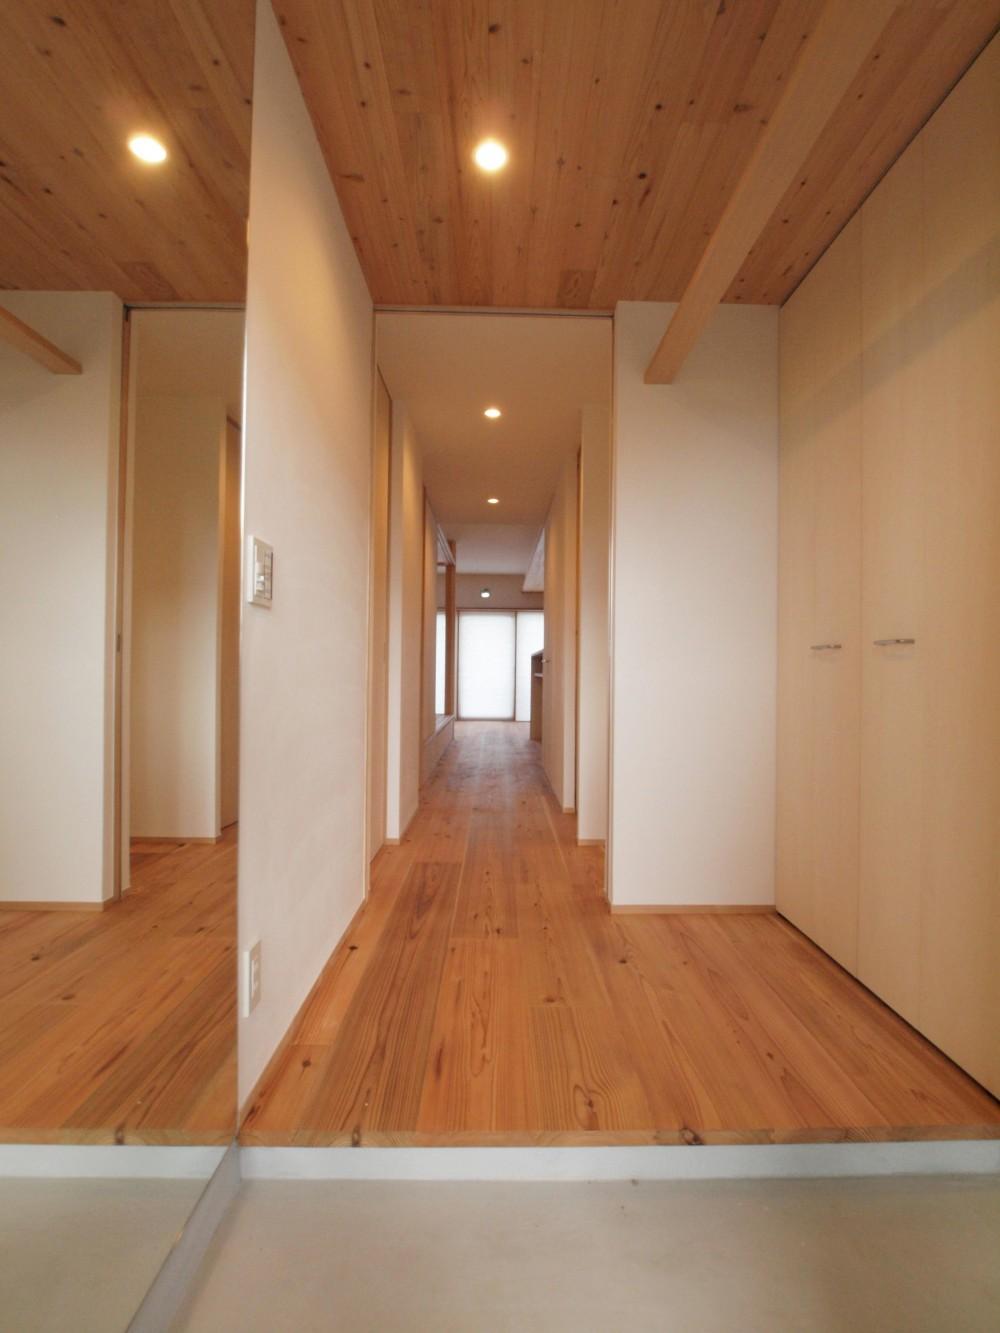 土間スペースと小上がり寝室・床下収納のある木の住まい (杉羽目板天井で軽やかな印象の玄関ホール)